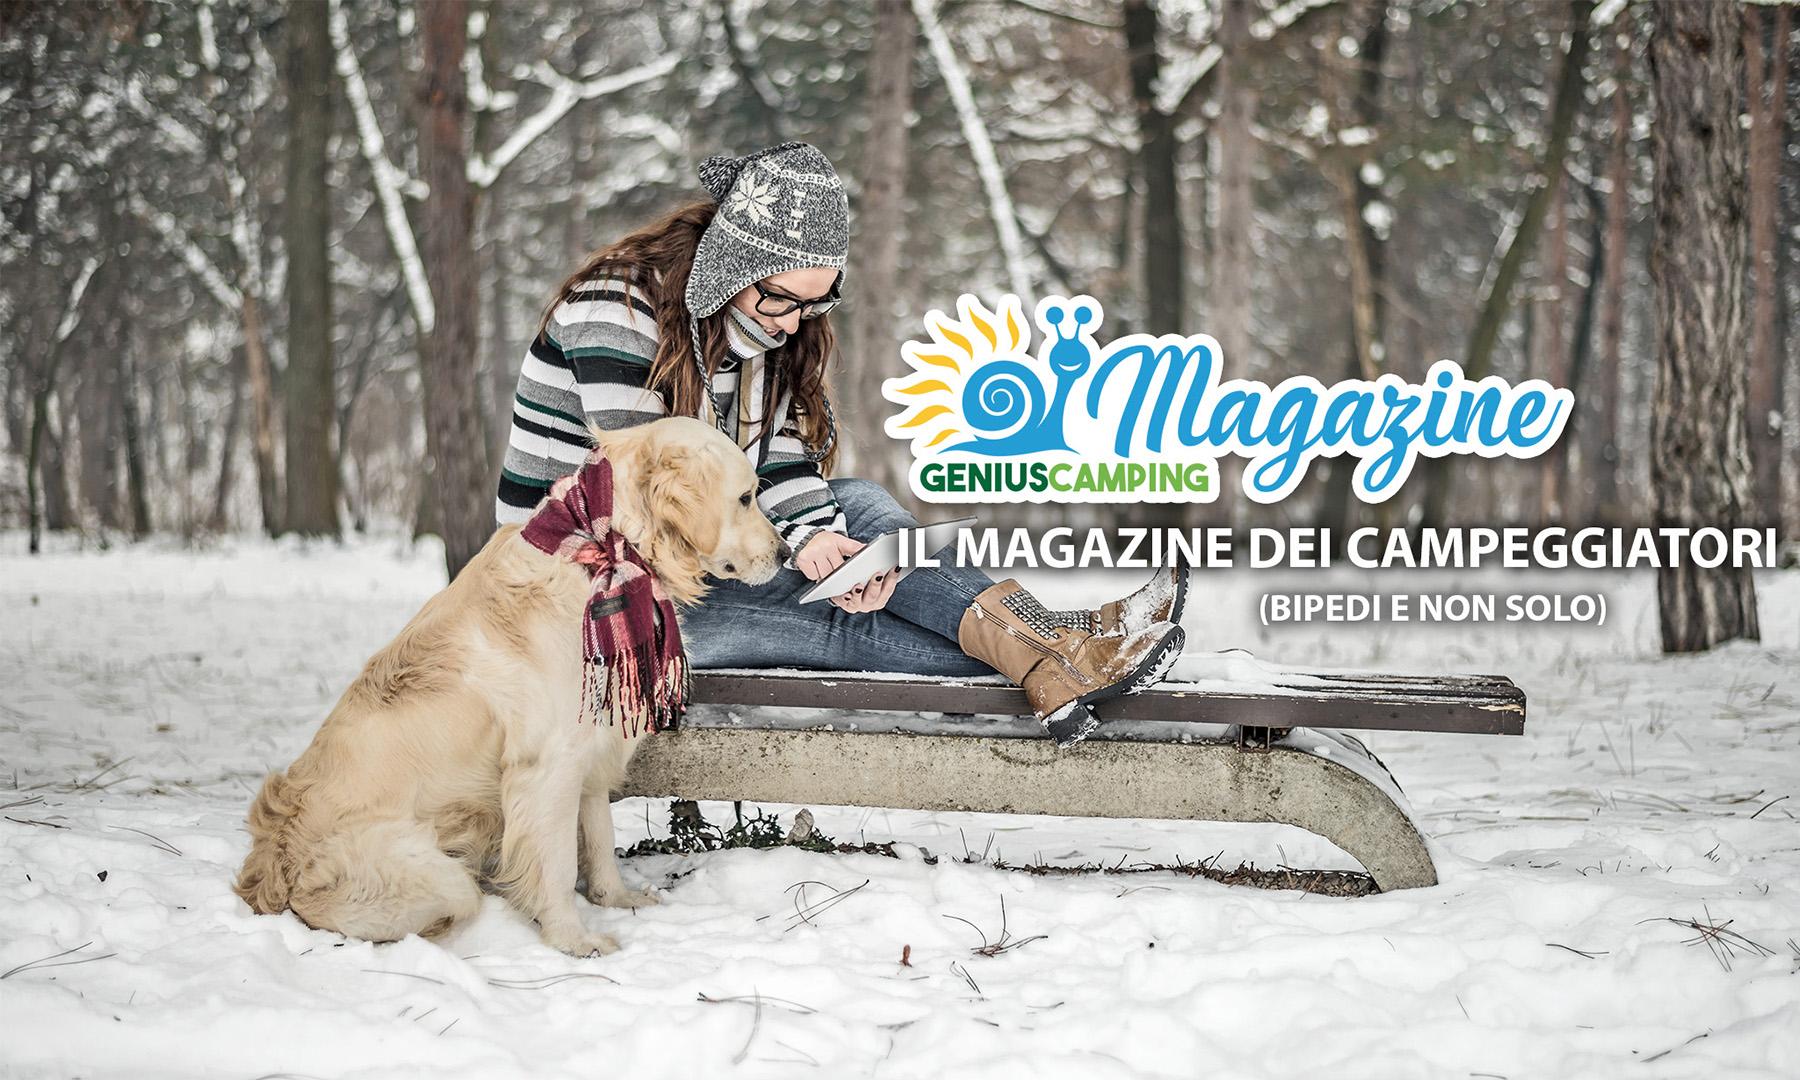 Genius Camping Magazine